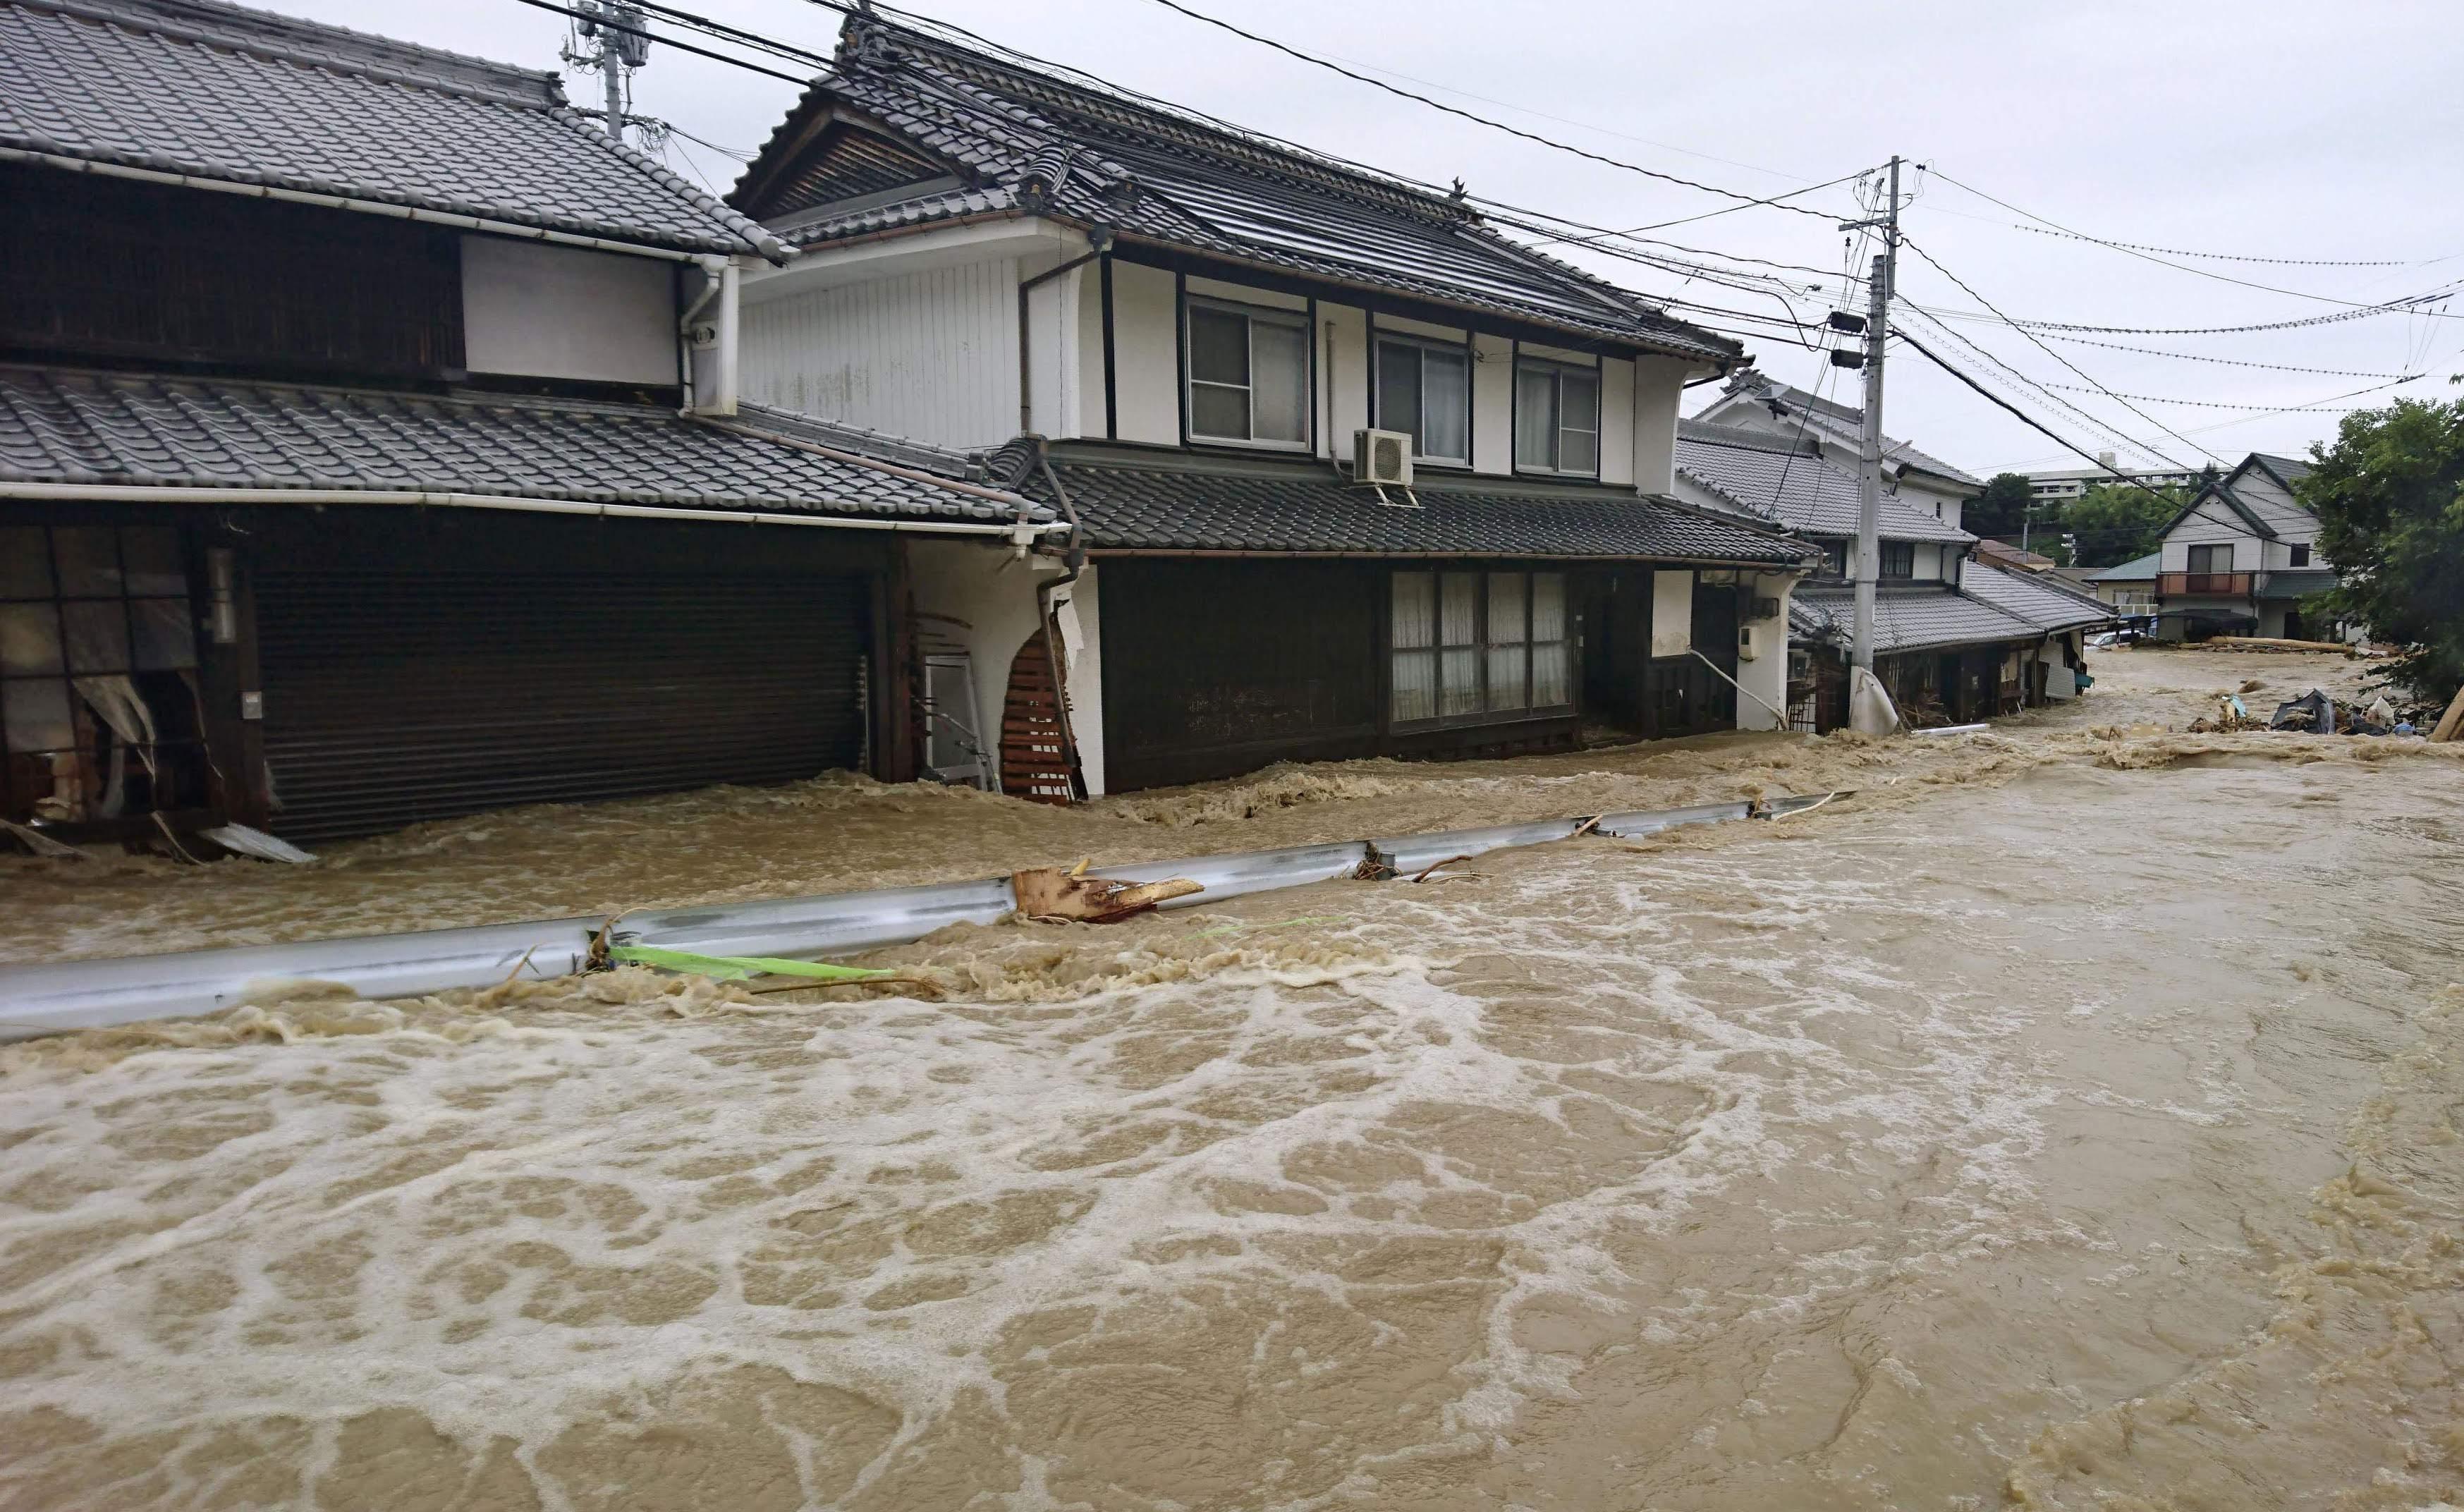 Hơn 1,6 triệu người đã được lệnh phải sơ tán khẩn cấp và 3,1 triệu người khác được khuyến cáo đi lánh nạn do lo ngại mưa lũ và lở đất.